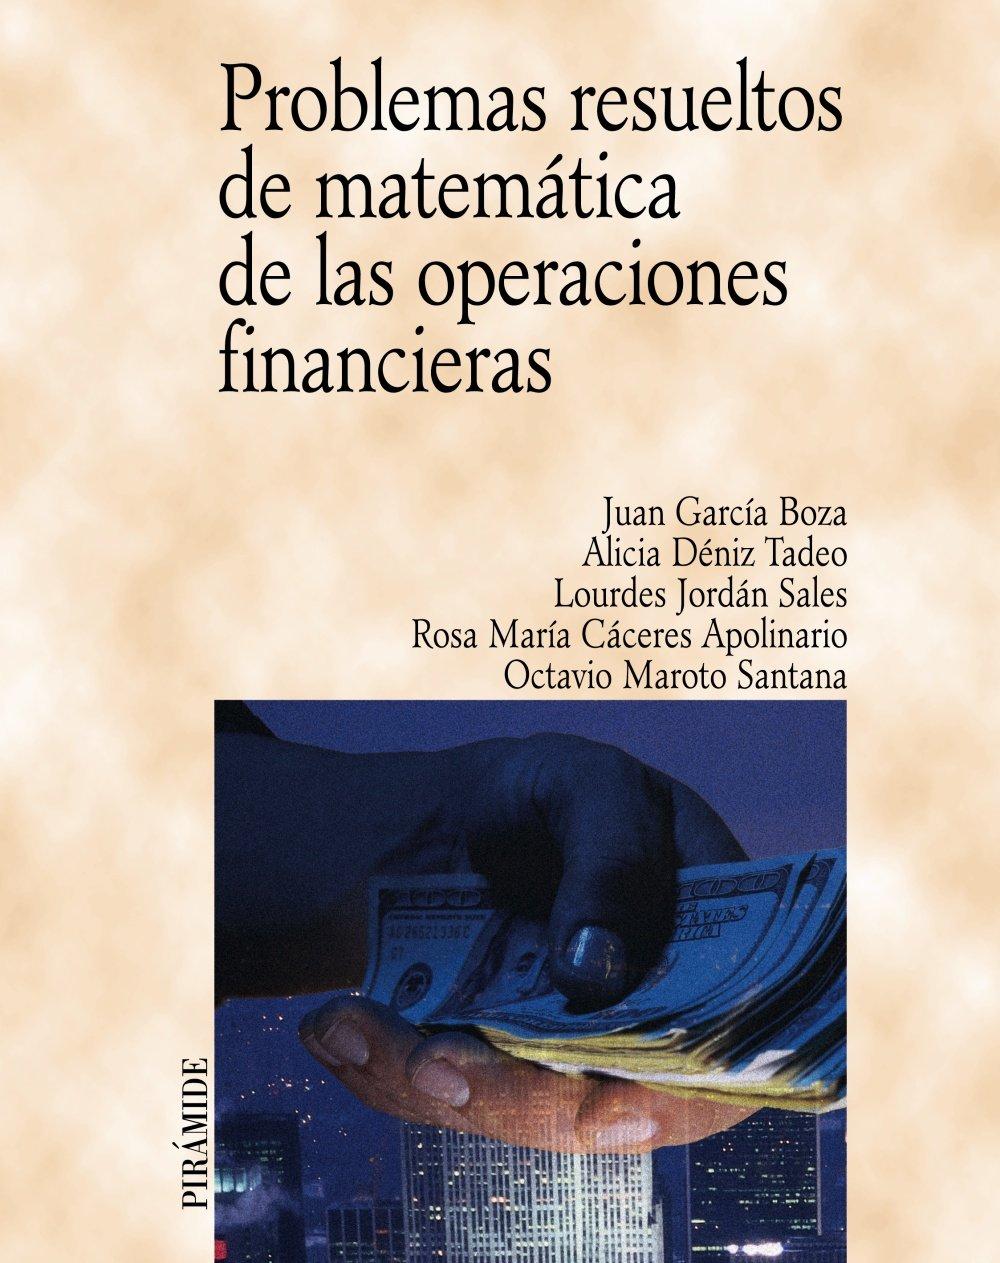 Problemas resueltos de matemática de las operaciones financieras Economía Y Empresa: Amazon.es: Juan García Boza, Alicia Déniz Tadeo, Lourdes Jordán Sales, ...